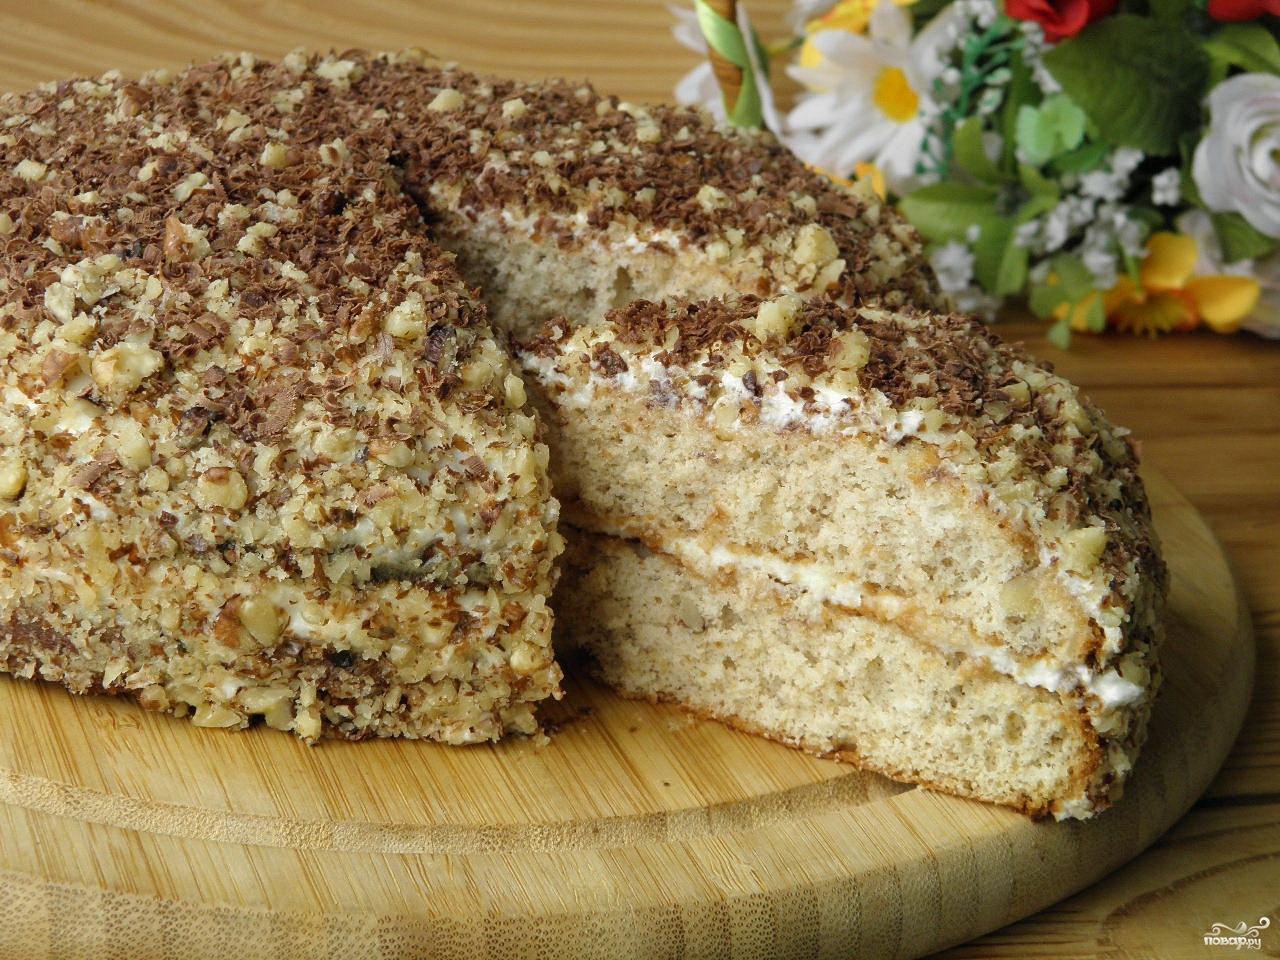 Мы поделимся своими секретами приготовления самых вкусных тортов, пирожных и кремов для них с вами.